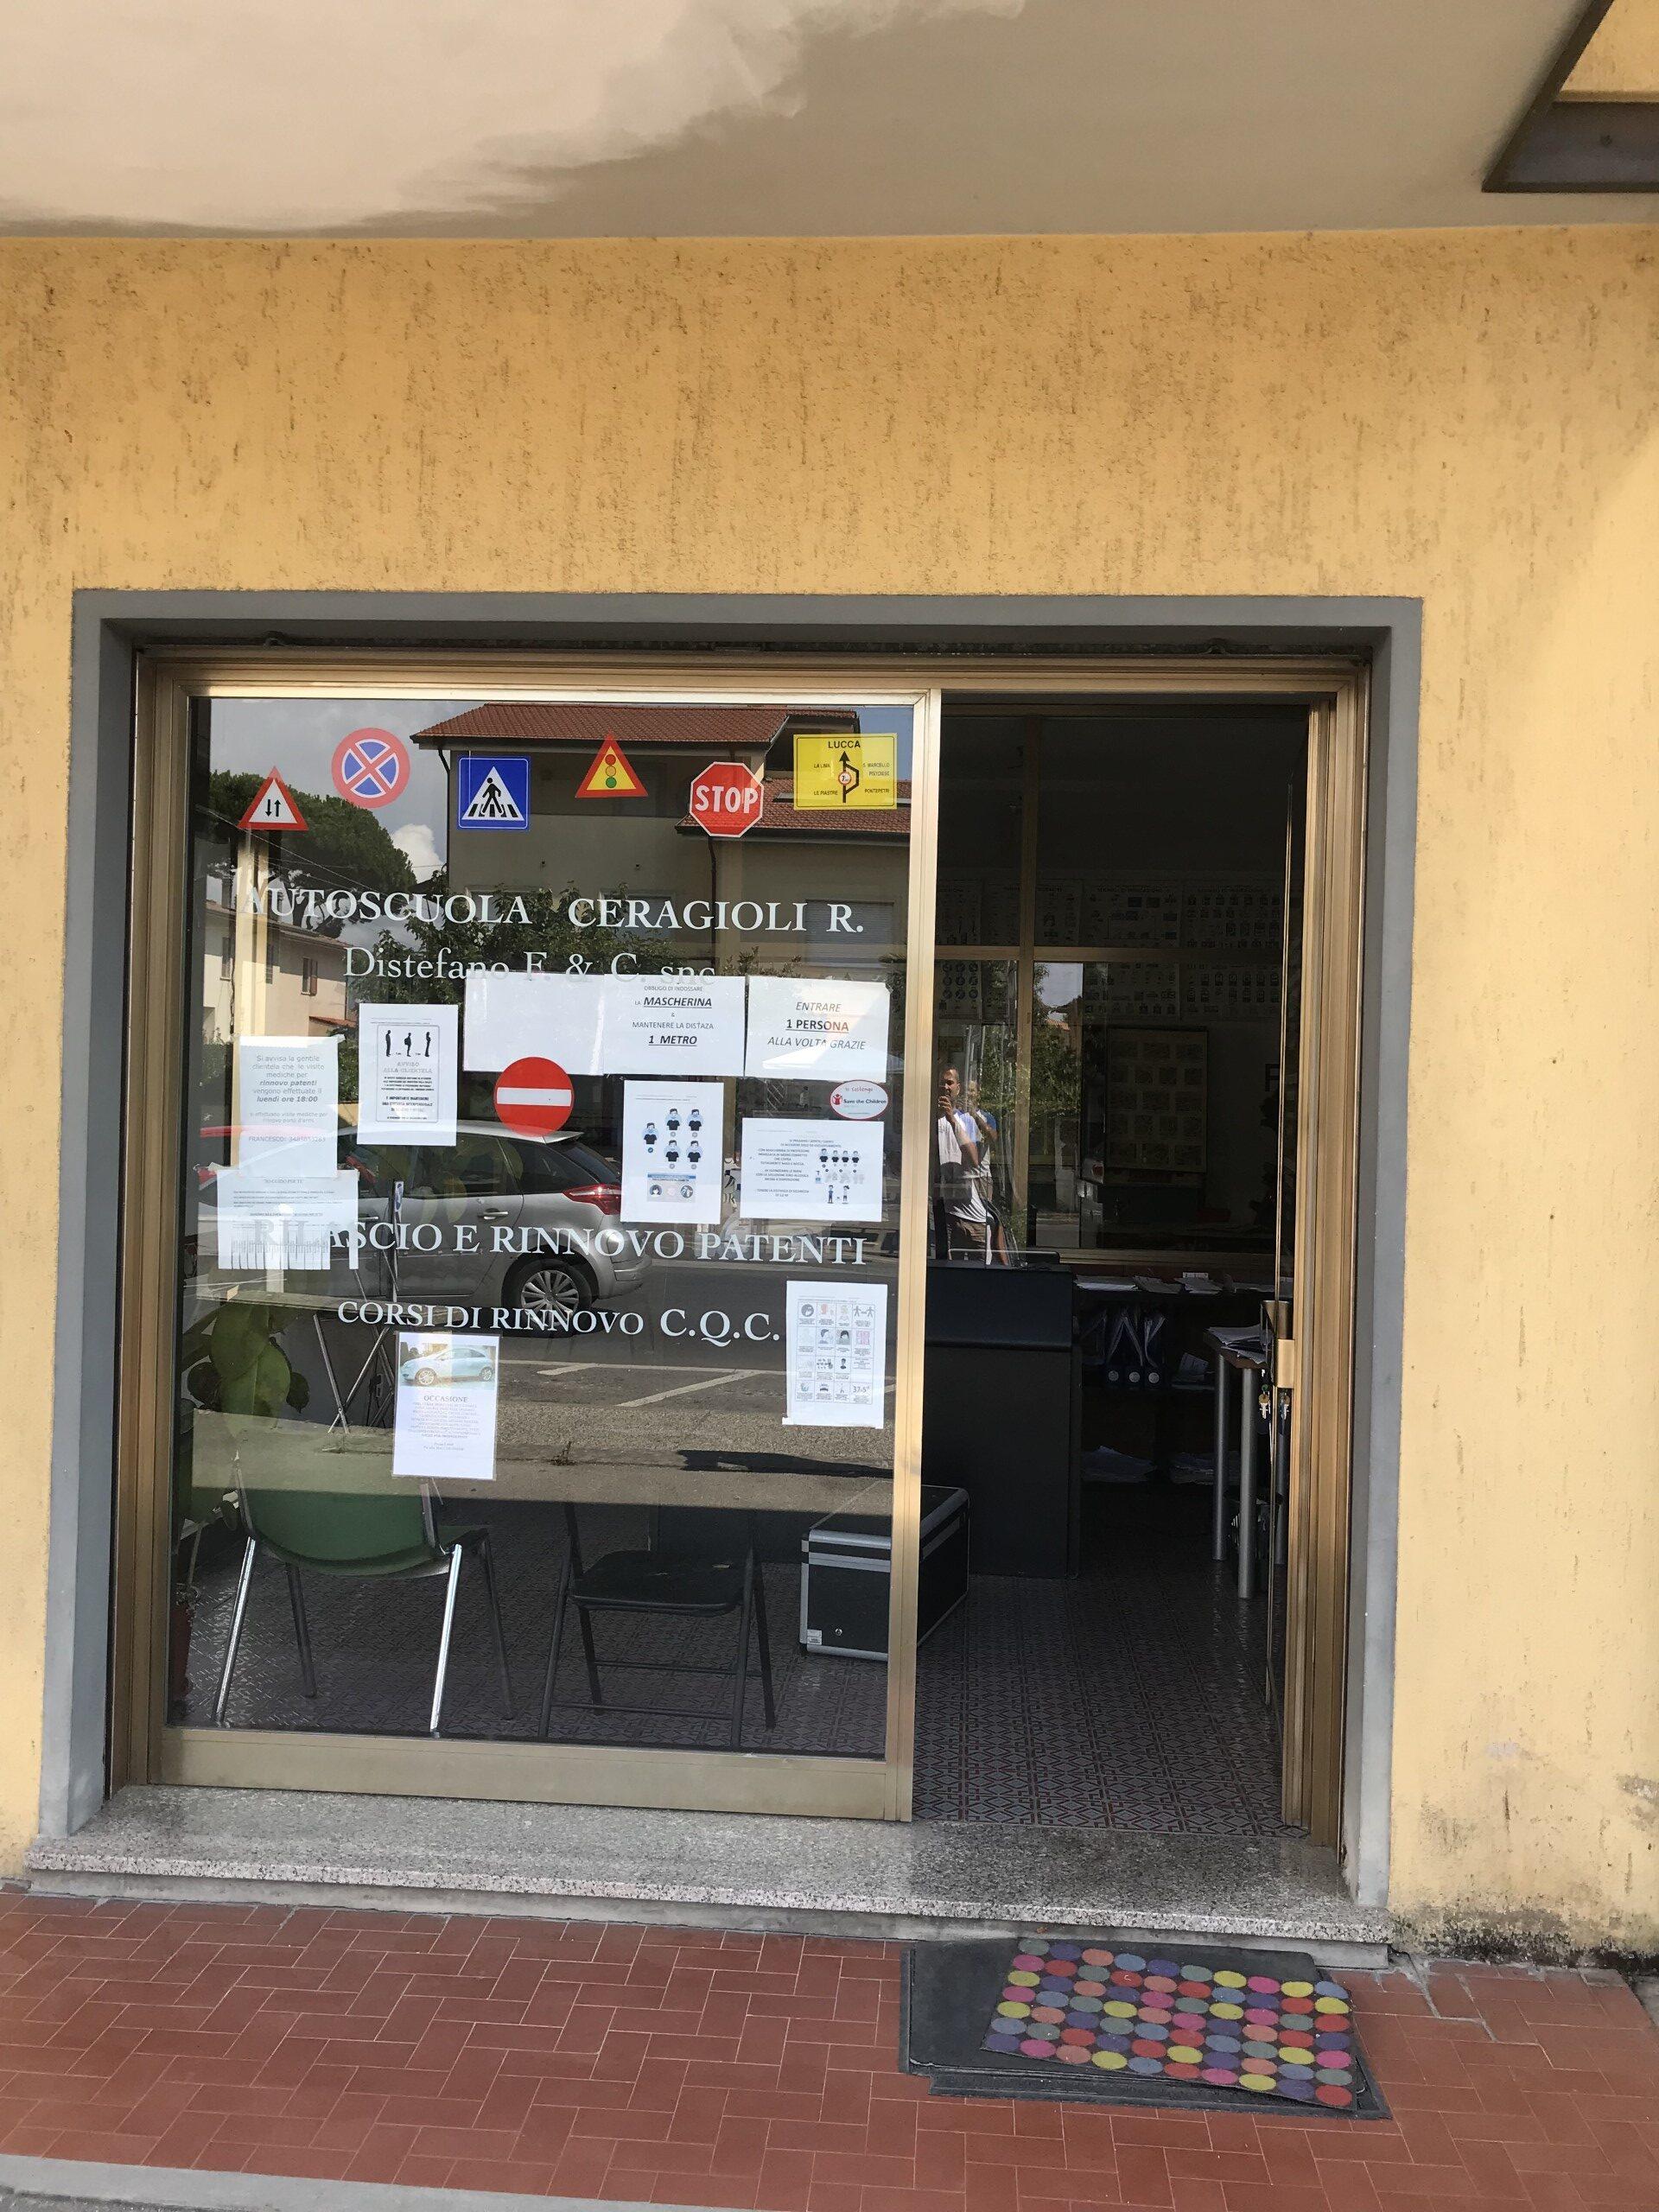 Risparmio bolletta presso scuola guida a Lido di Camaiore